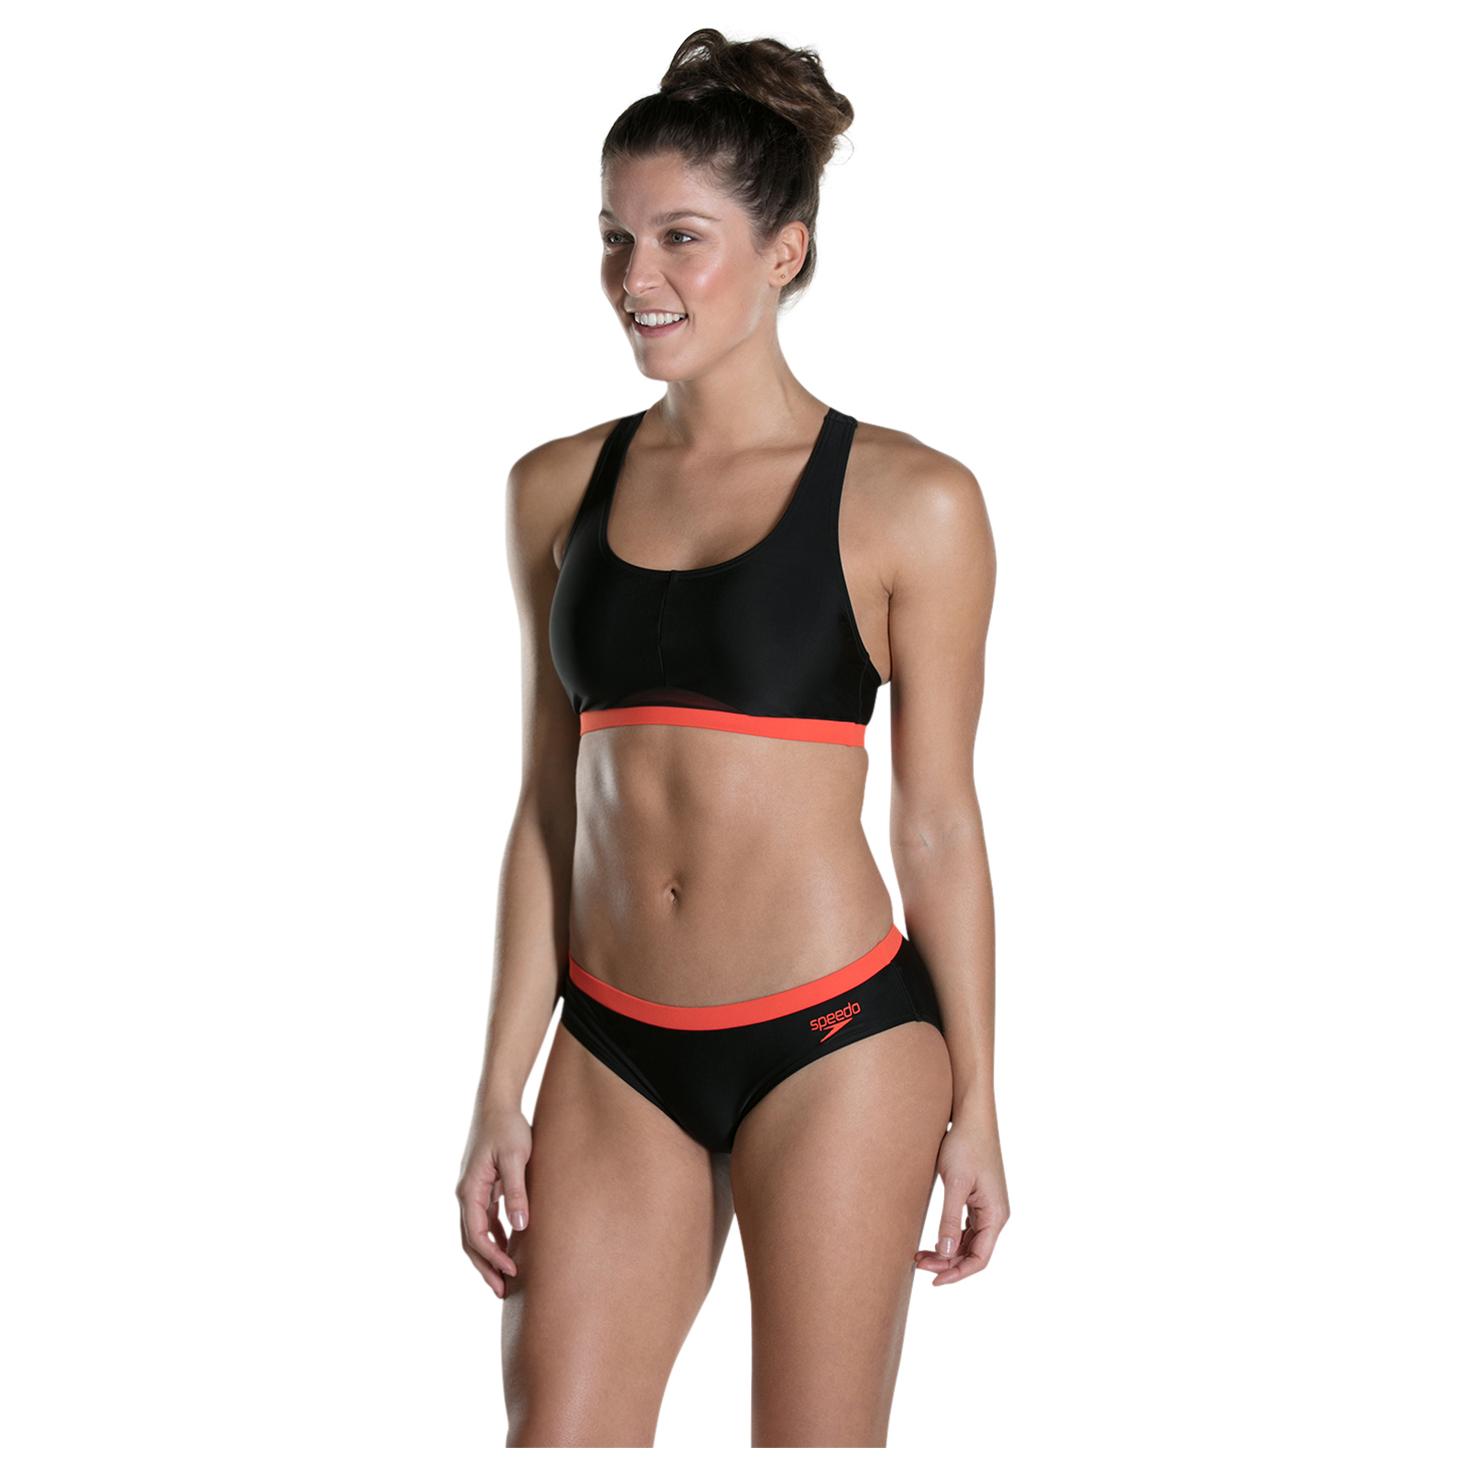 d8682d13 Speedo Hydractive 2 Piece - Bikini Women's | Buy online | Alpinetrek ...